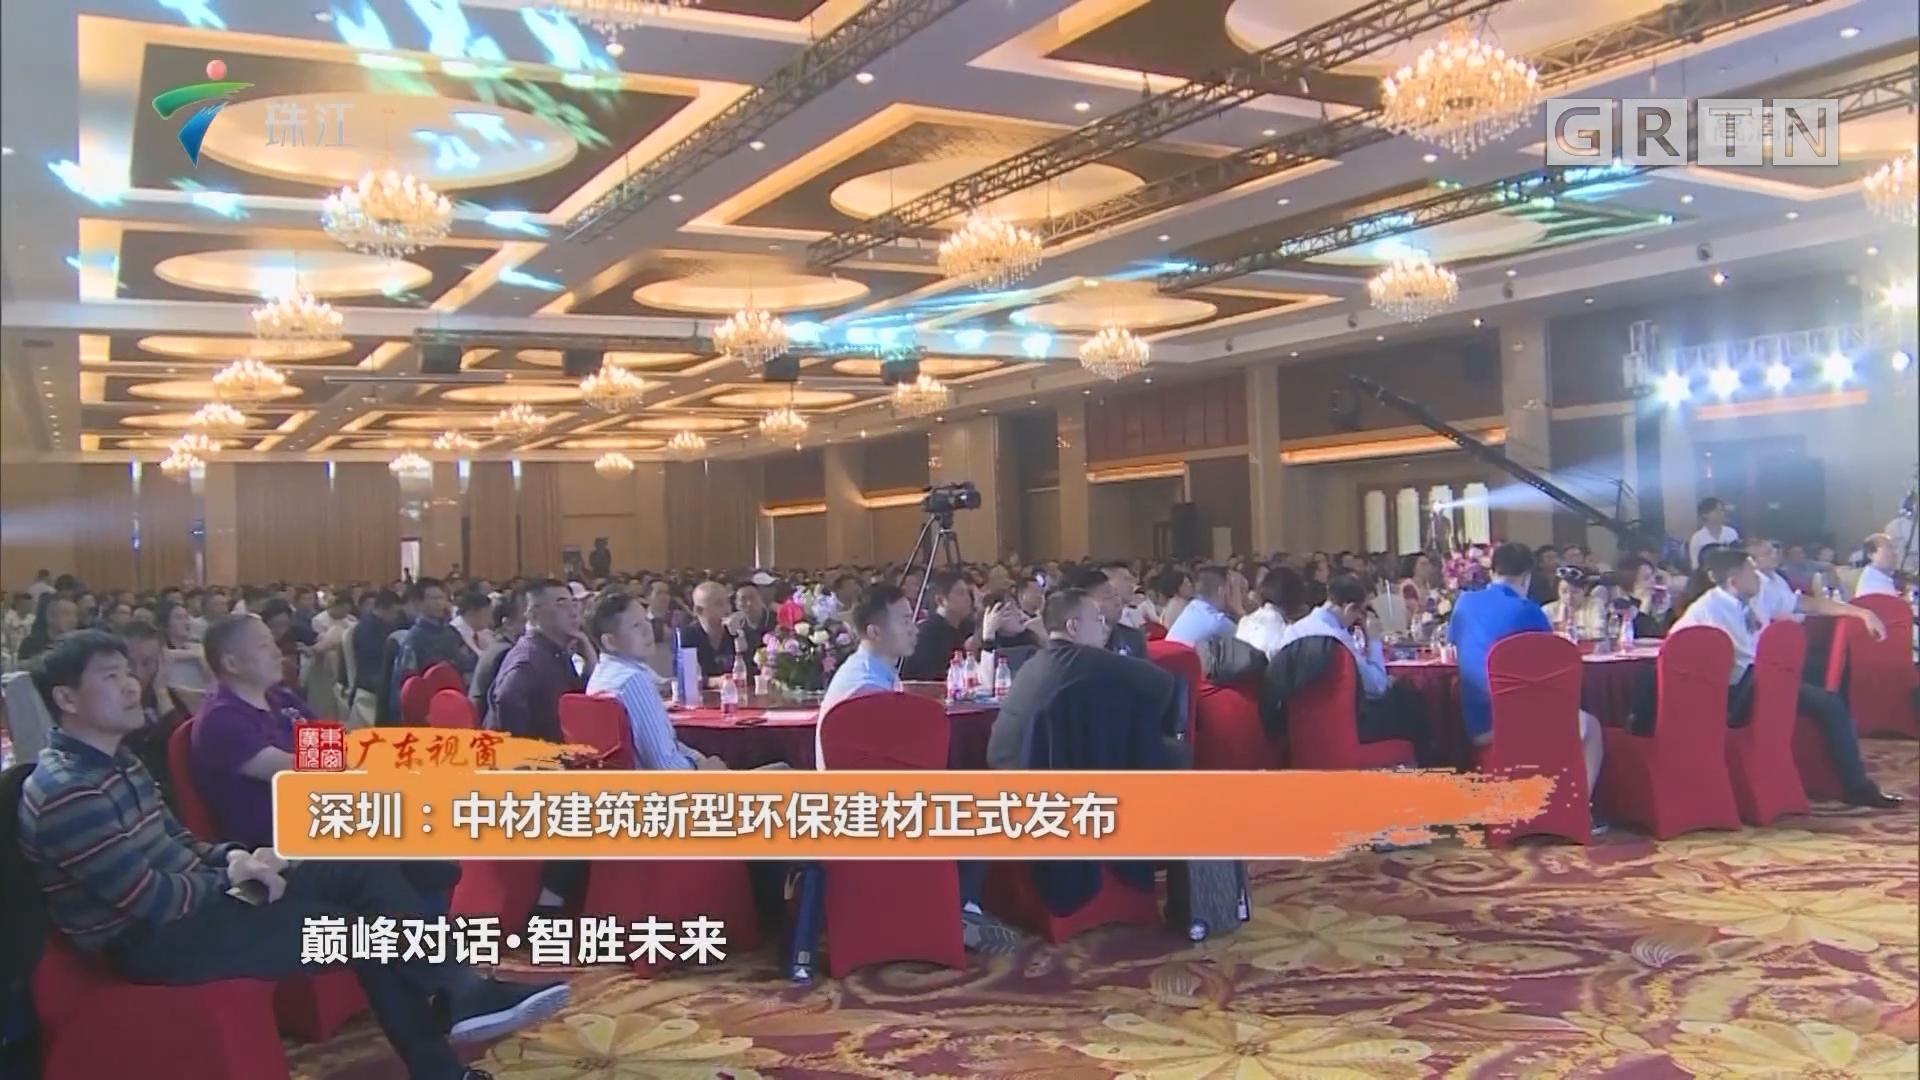 深圳:中材建筑新型环保建材正式发布